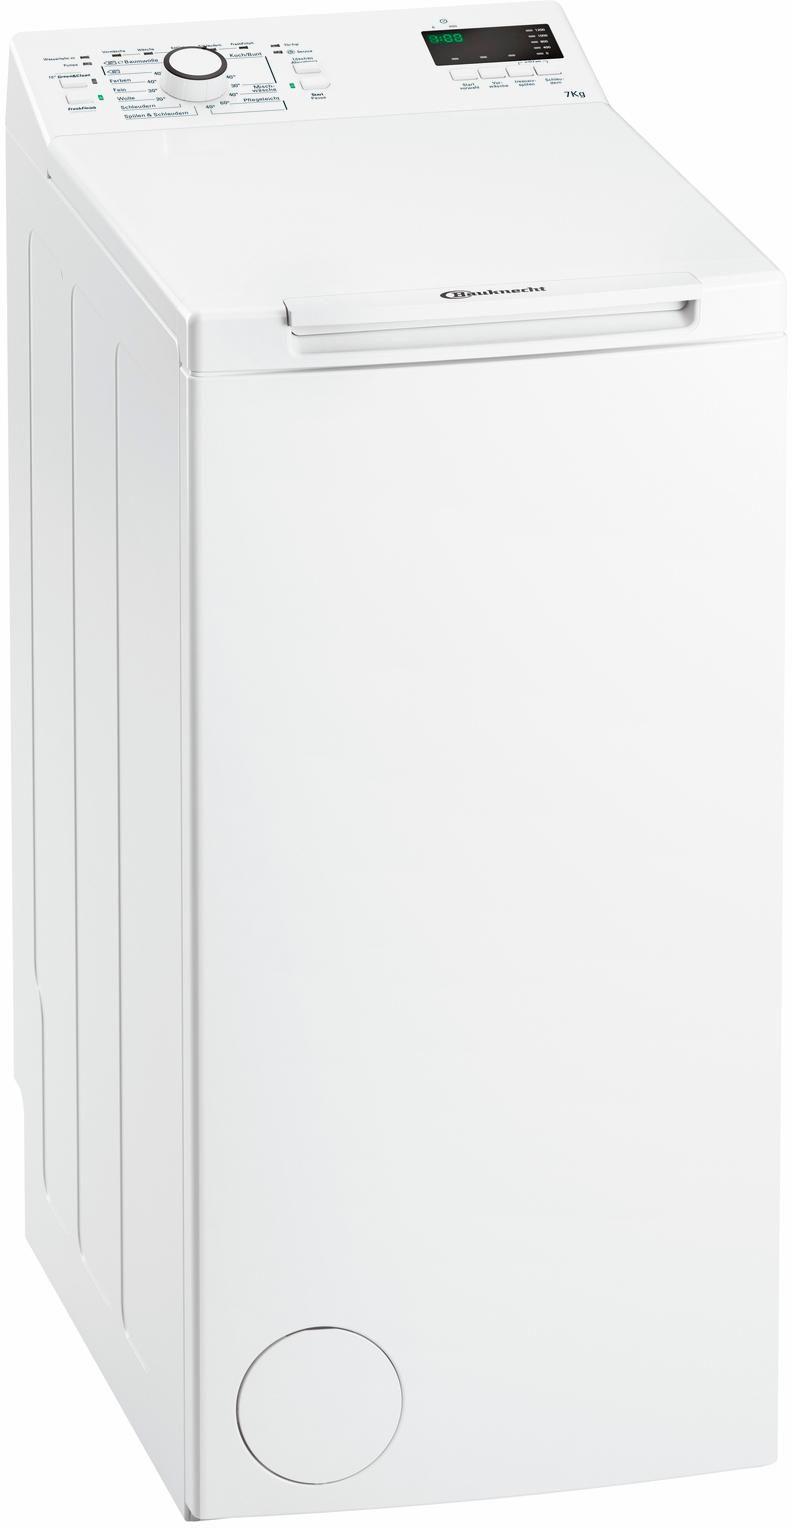 BAUKNECHT Waschmaschine Toplader WMT EcoStar 722 Di, A++, 7 kg, 1200 U/Min